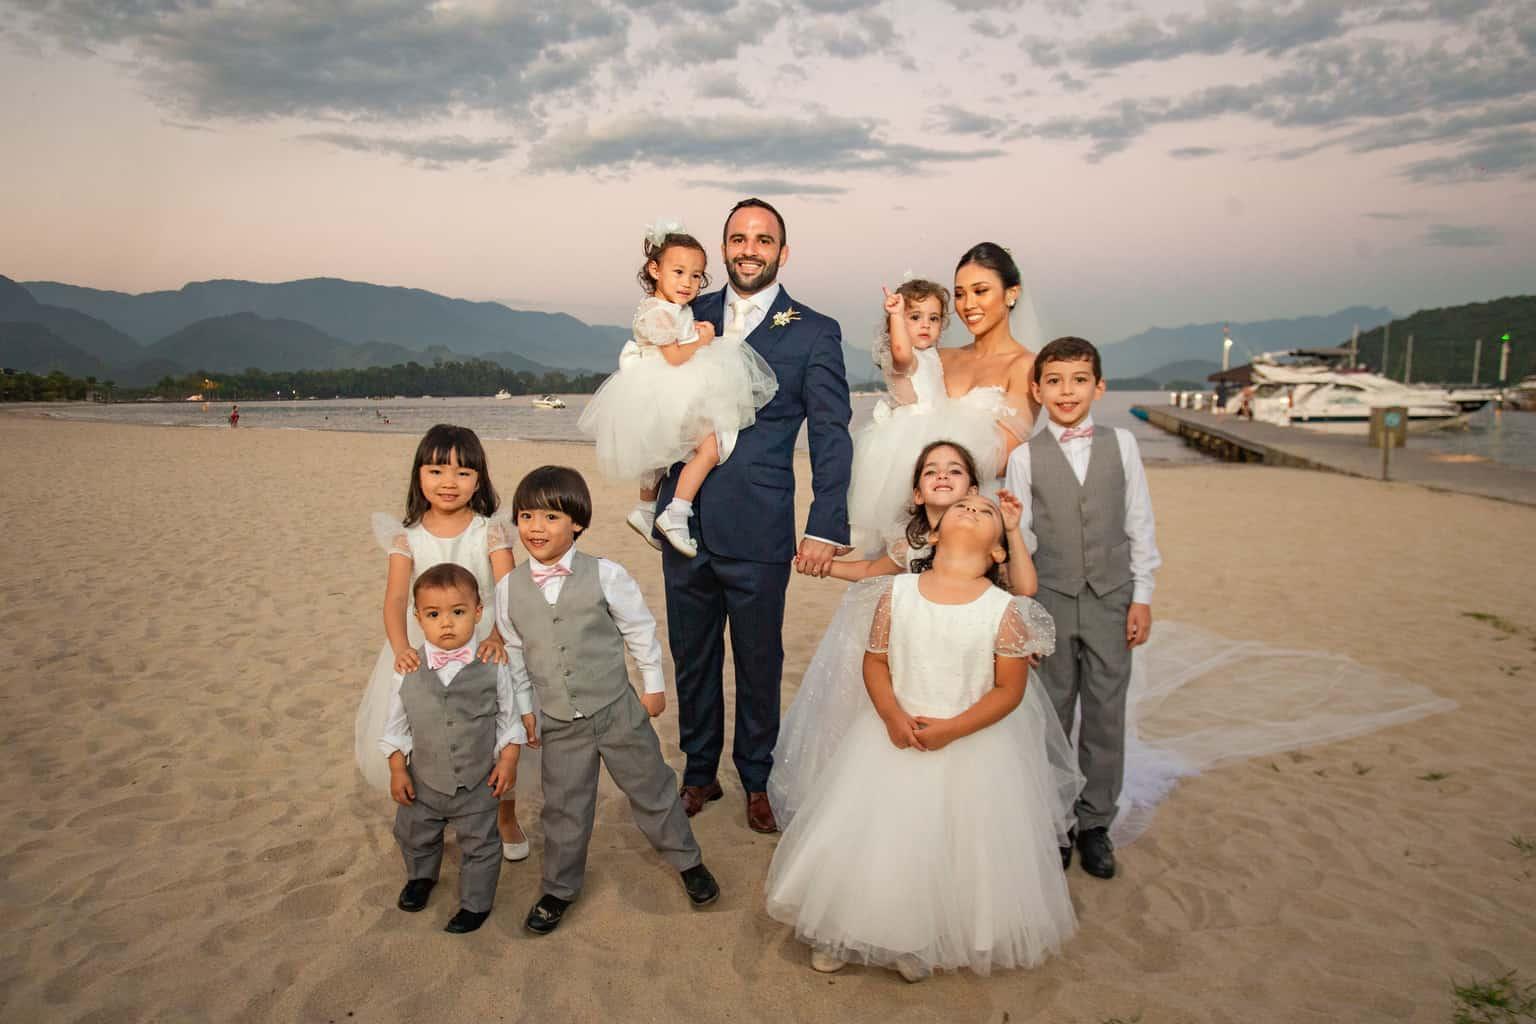 Casamento-Alissa-e-Gustavo-Cerimonial-Manu-Goncalez-Decor-Andrea-Kapps-Fasano-Angra-dos-Reis-Foto-VRebel-G-Junior-Making-of783